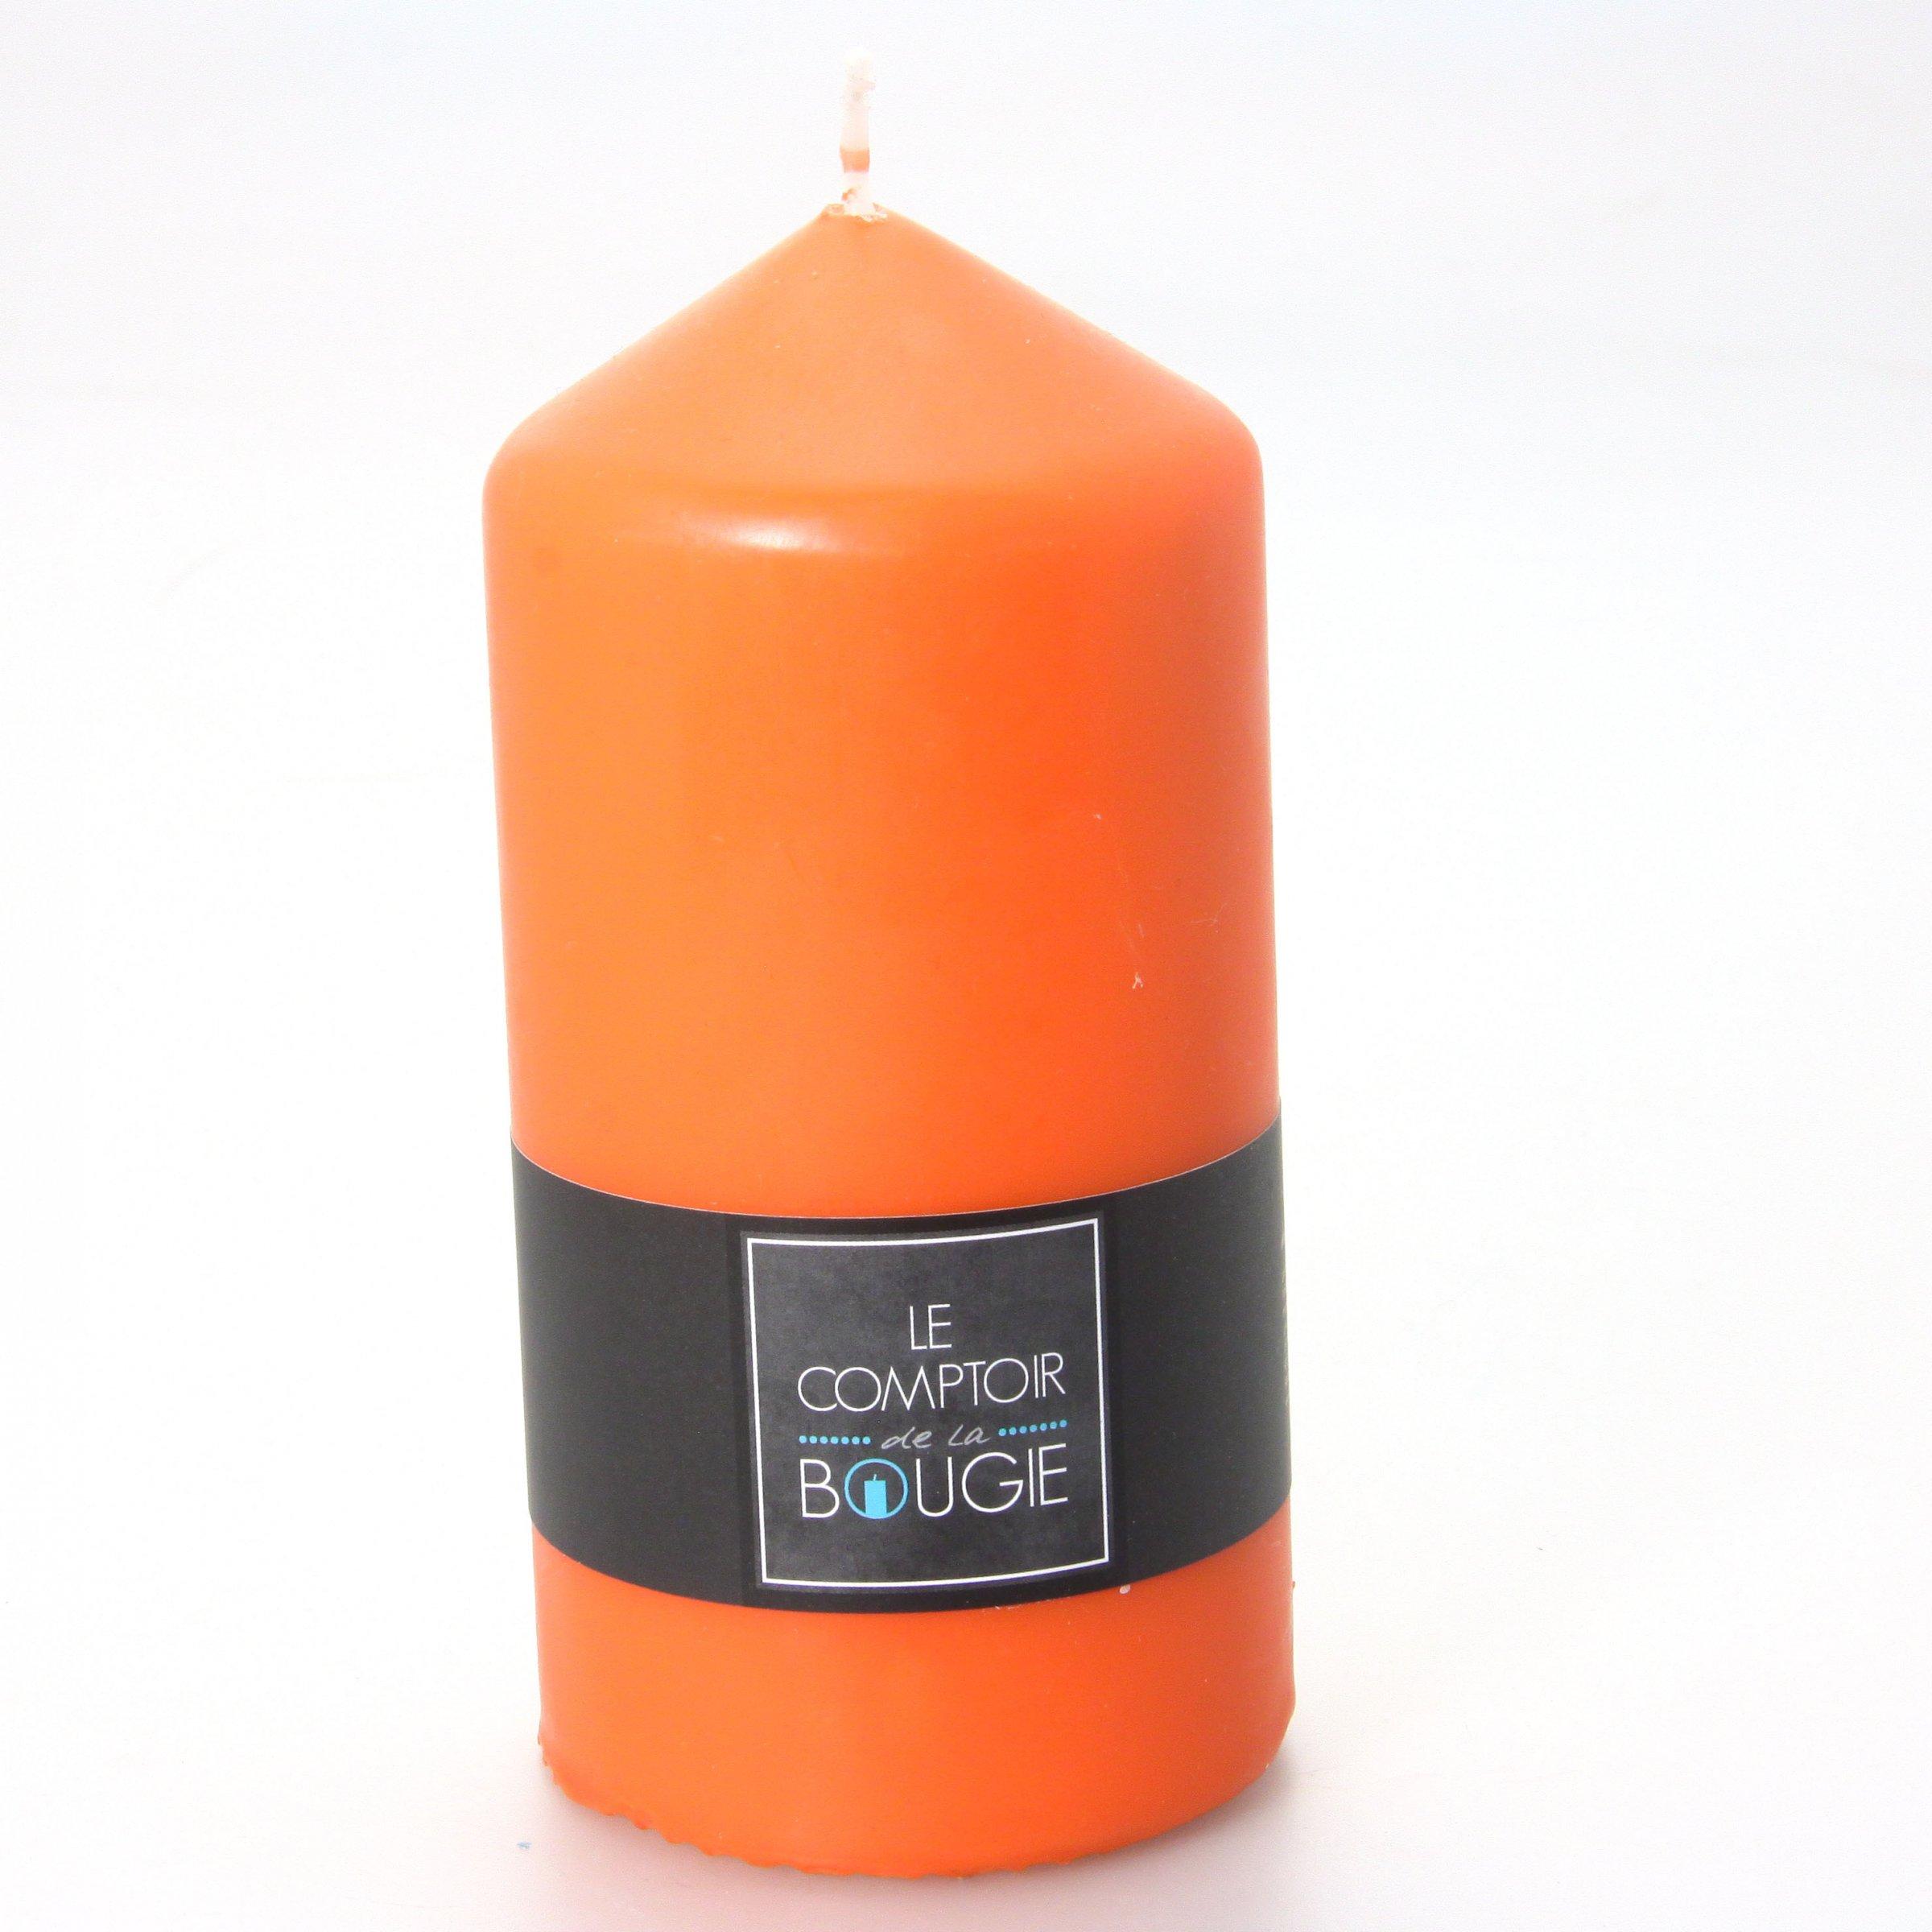 grande bougie cylindrique orange d coration anniversaire et f tes th me sur vegaoo party. Black Bedroom Furniture Sets. Home Design Ideas